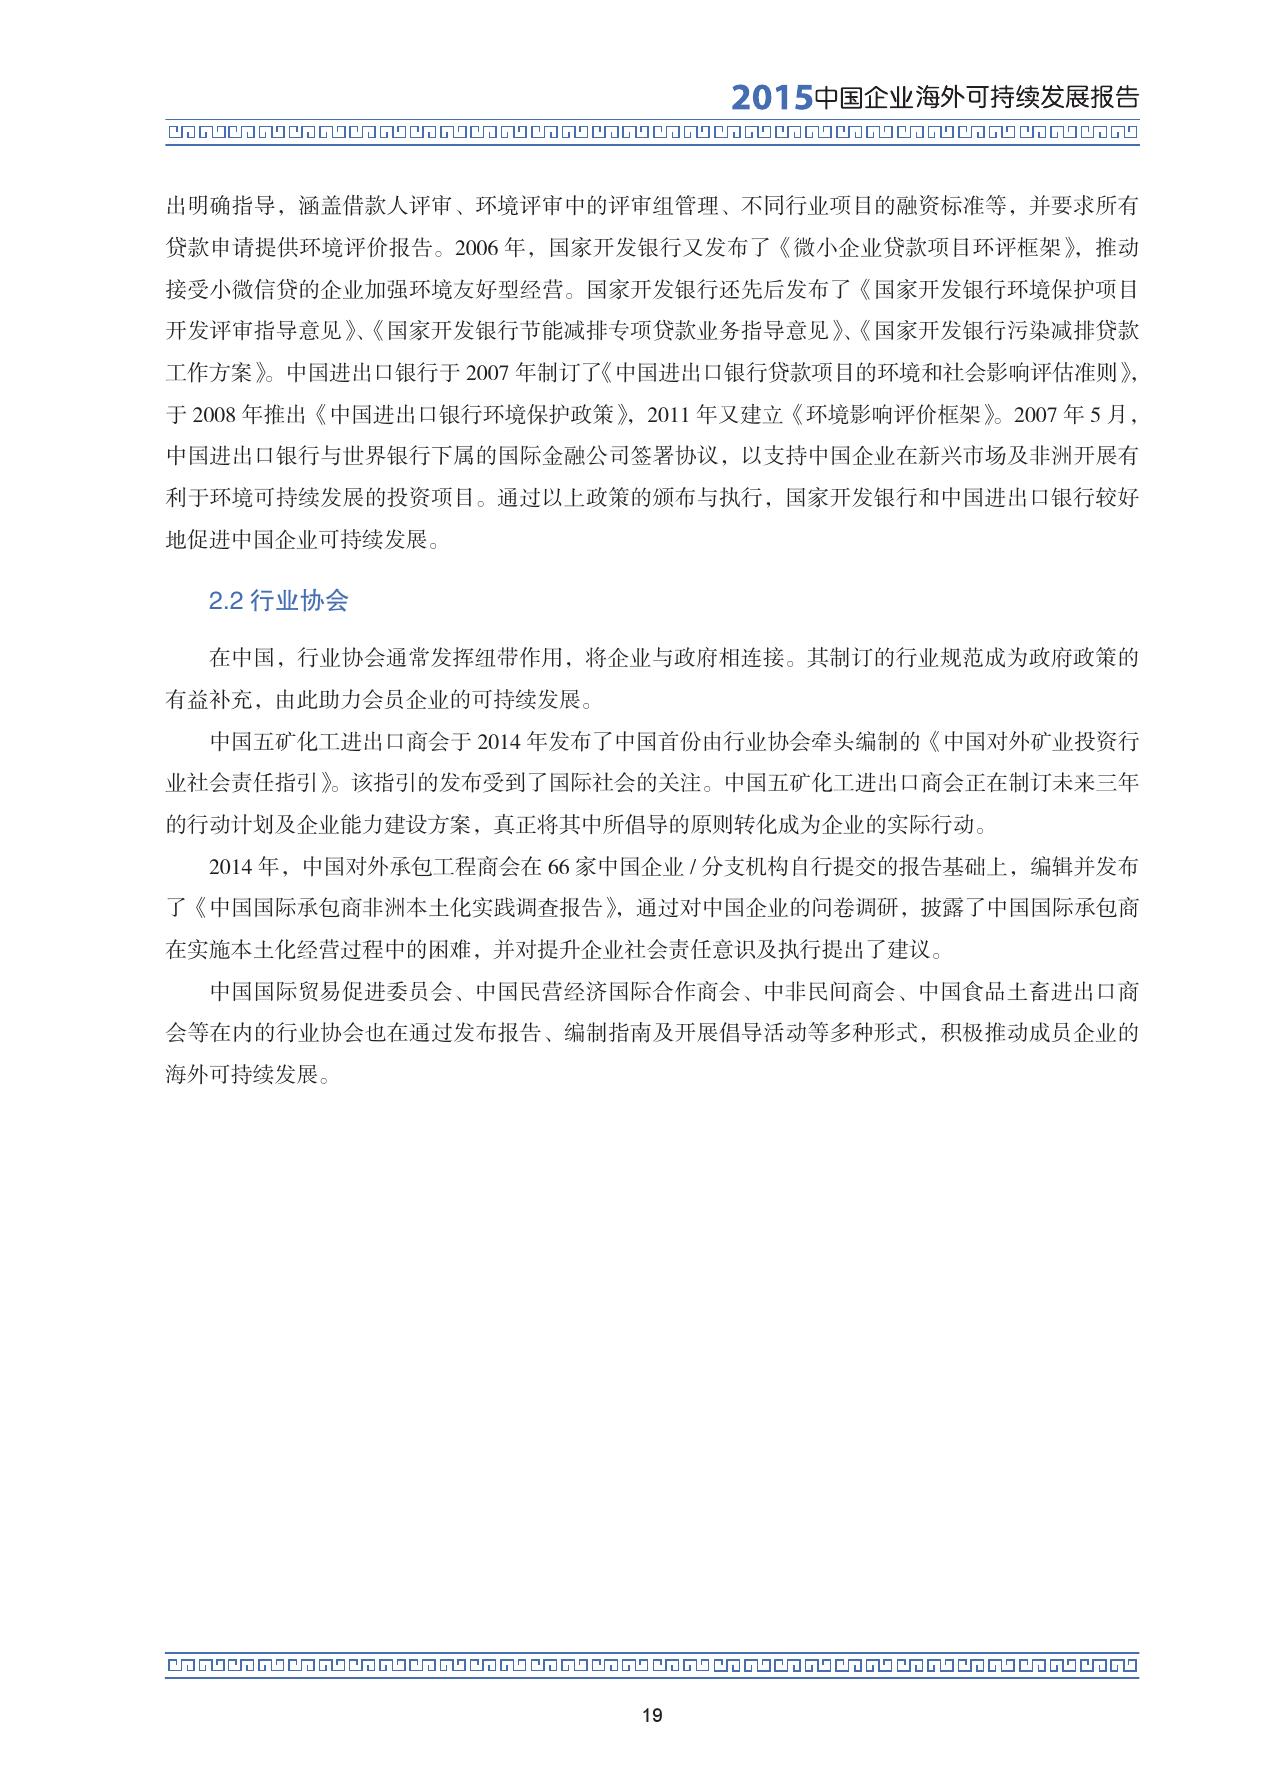 2015中国企业海外可持续发展报告_000033